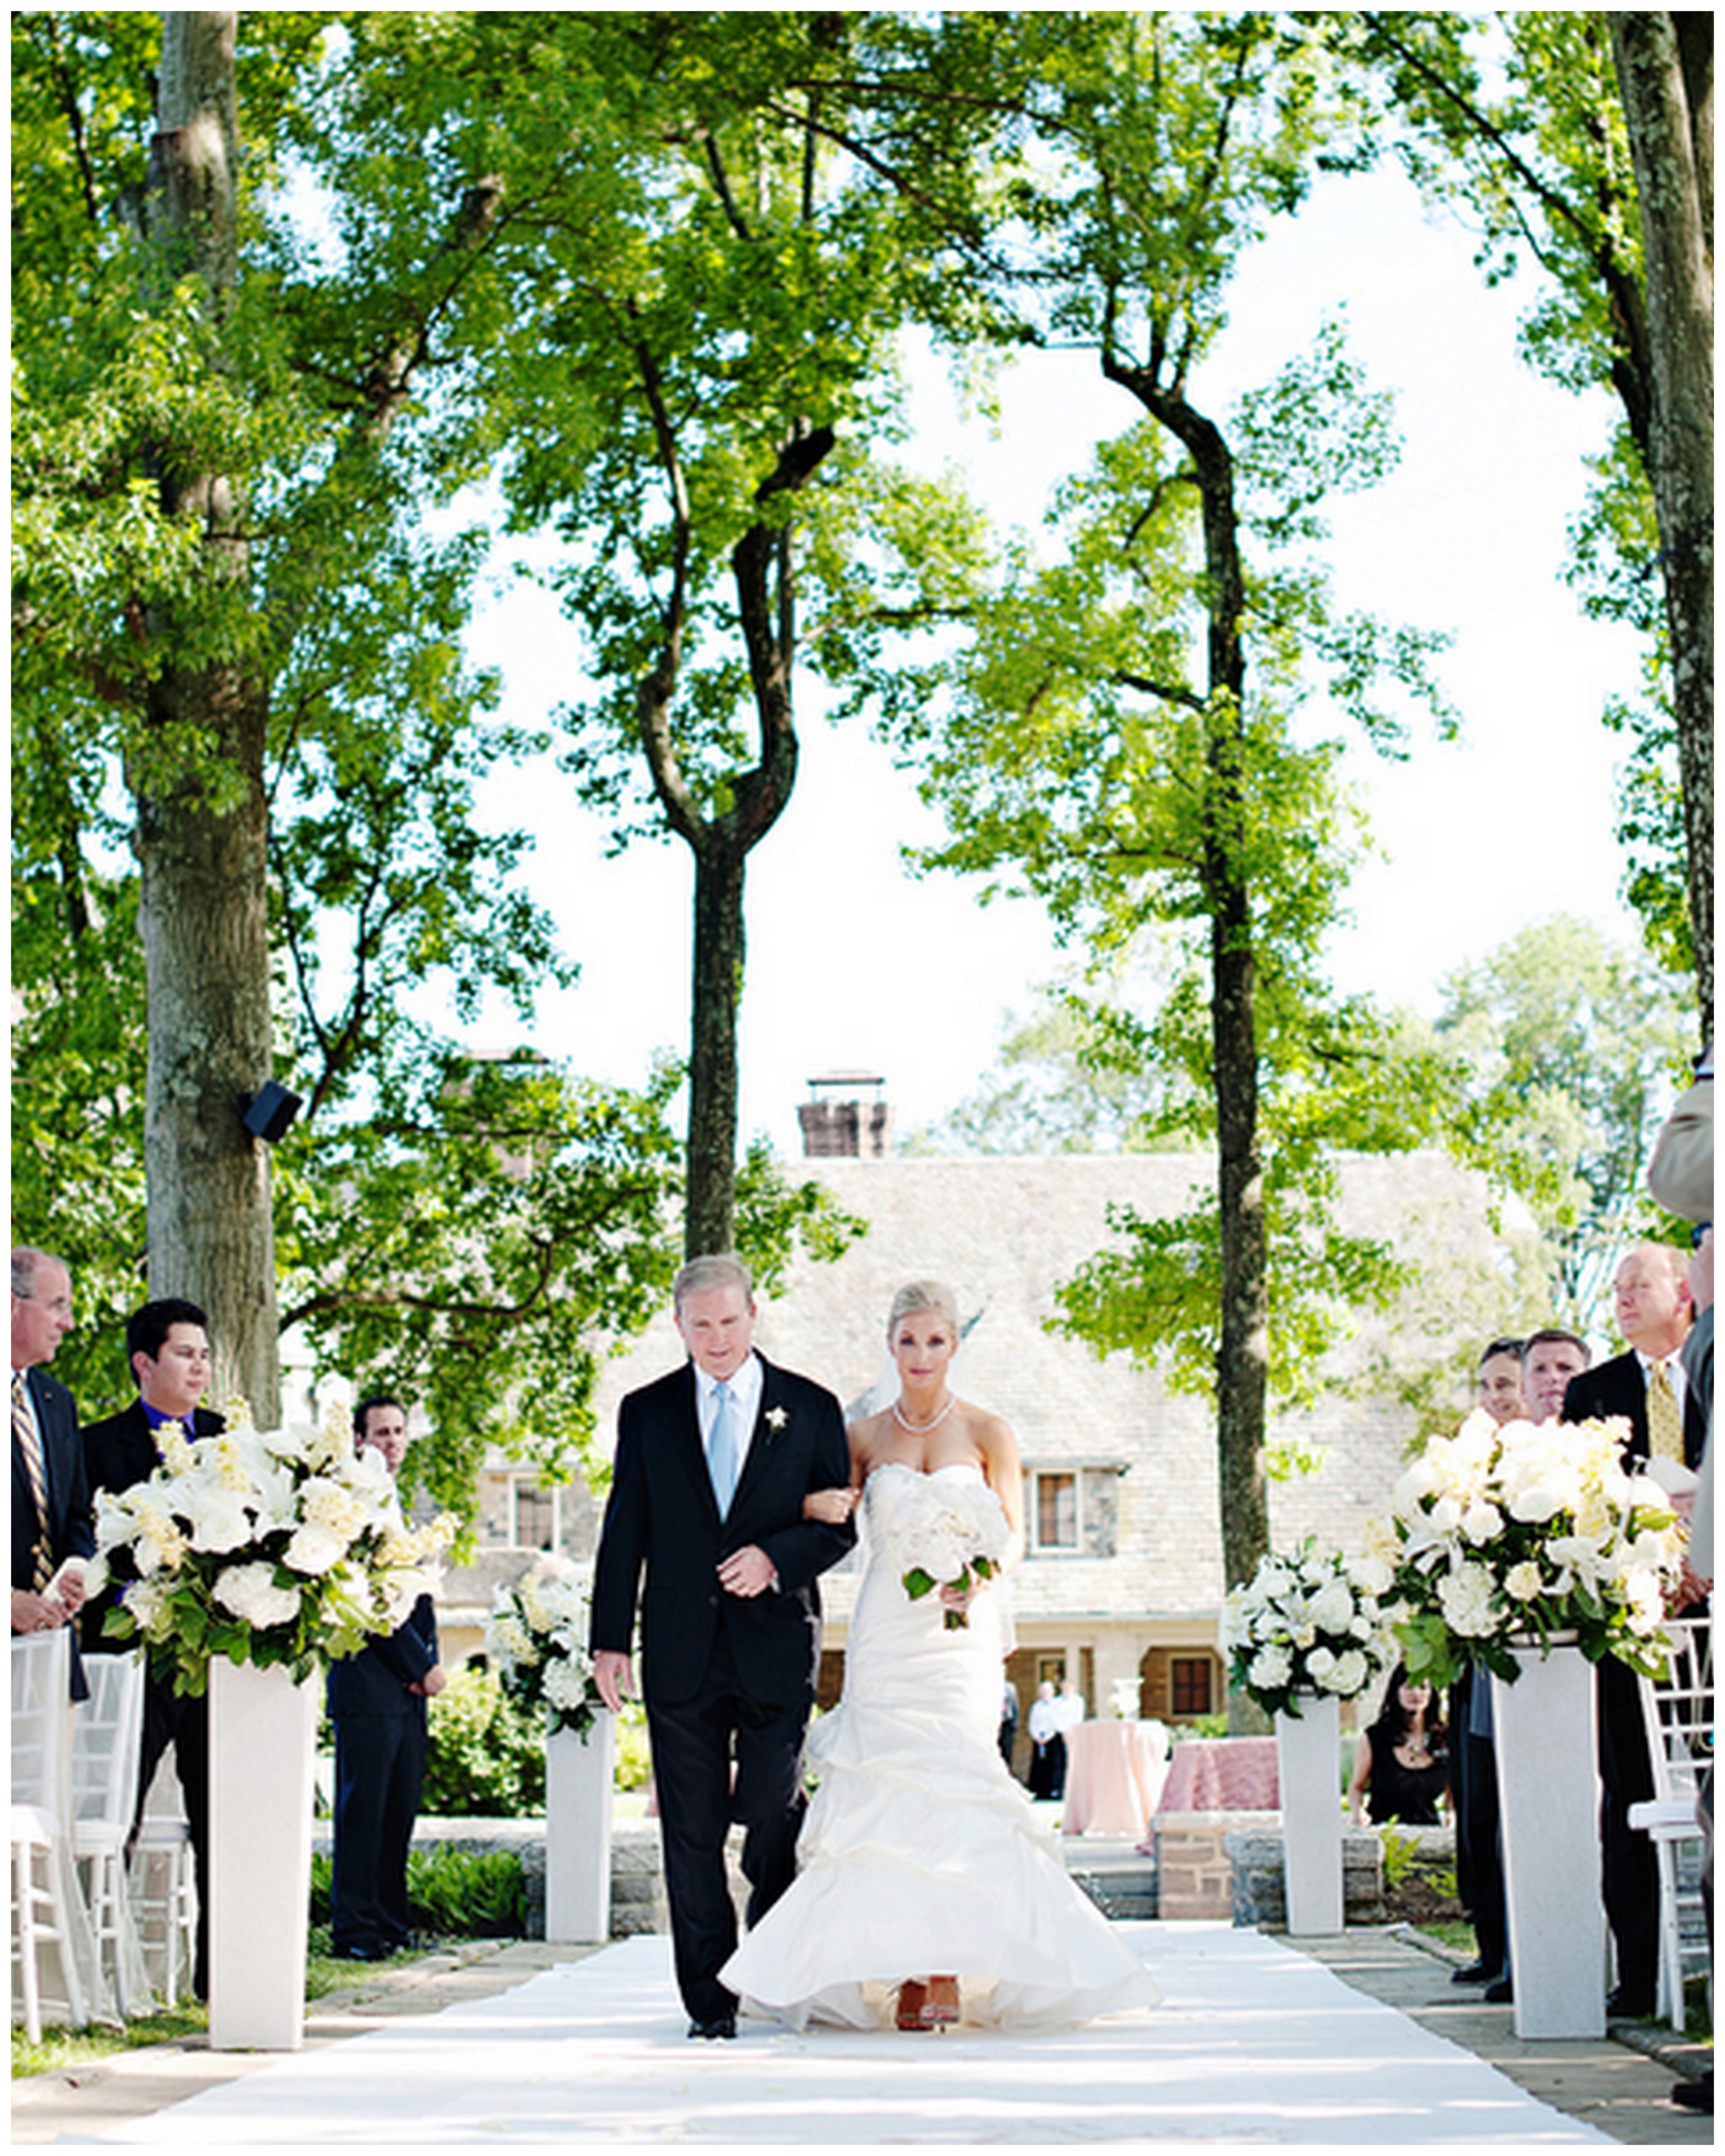 Glamorous Sophistication At Greenacresin Inside Weddings Viva